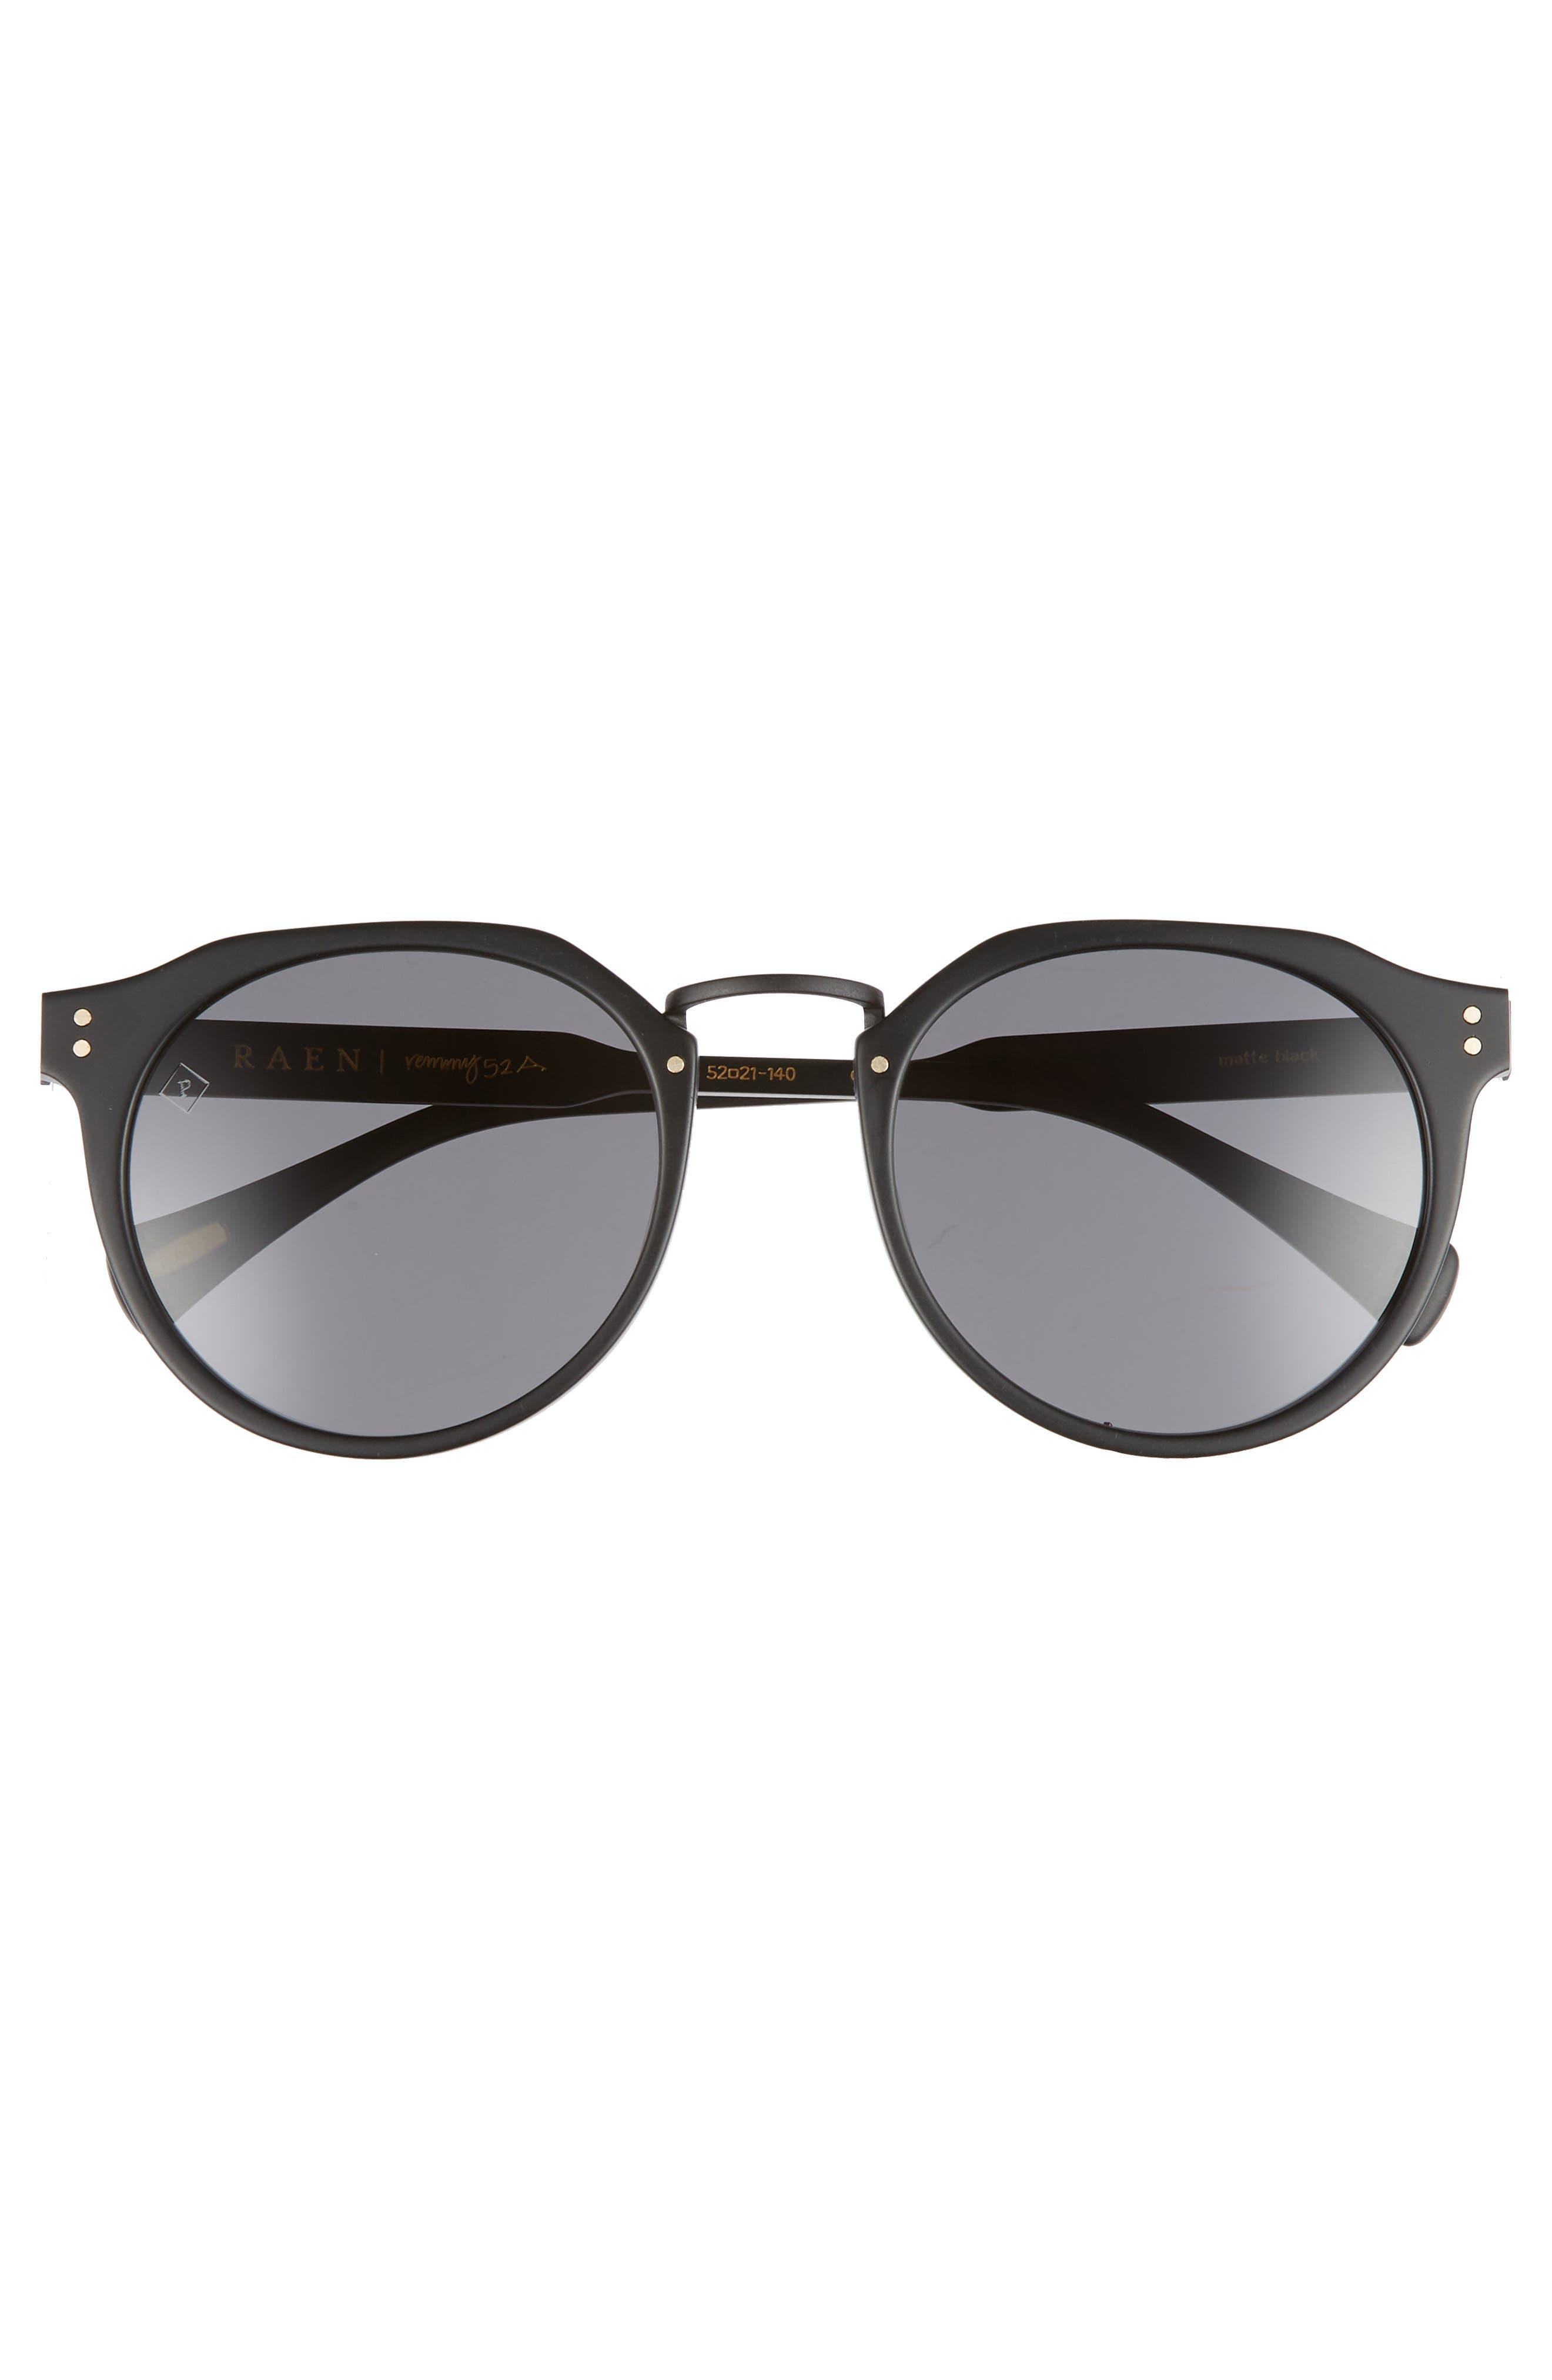 Remmy 52mm Polarized Sunglasses,                             Alternate thumbnail 2, color,                             MATTE BLACK/ MATTE BRINDLE